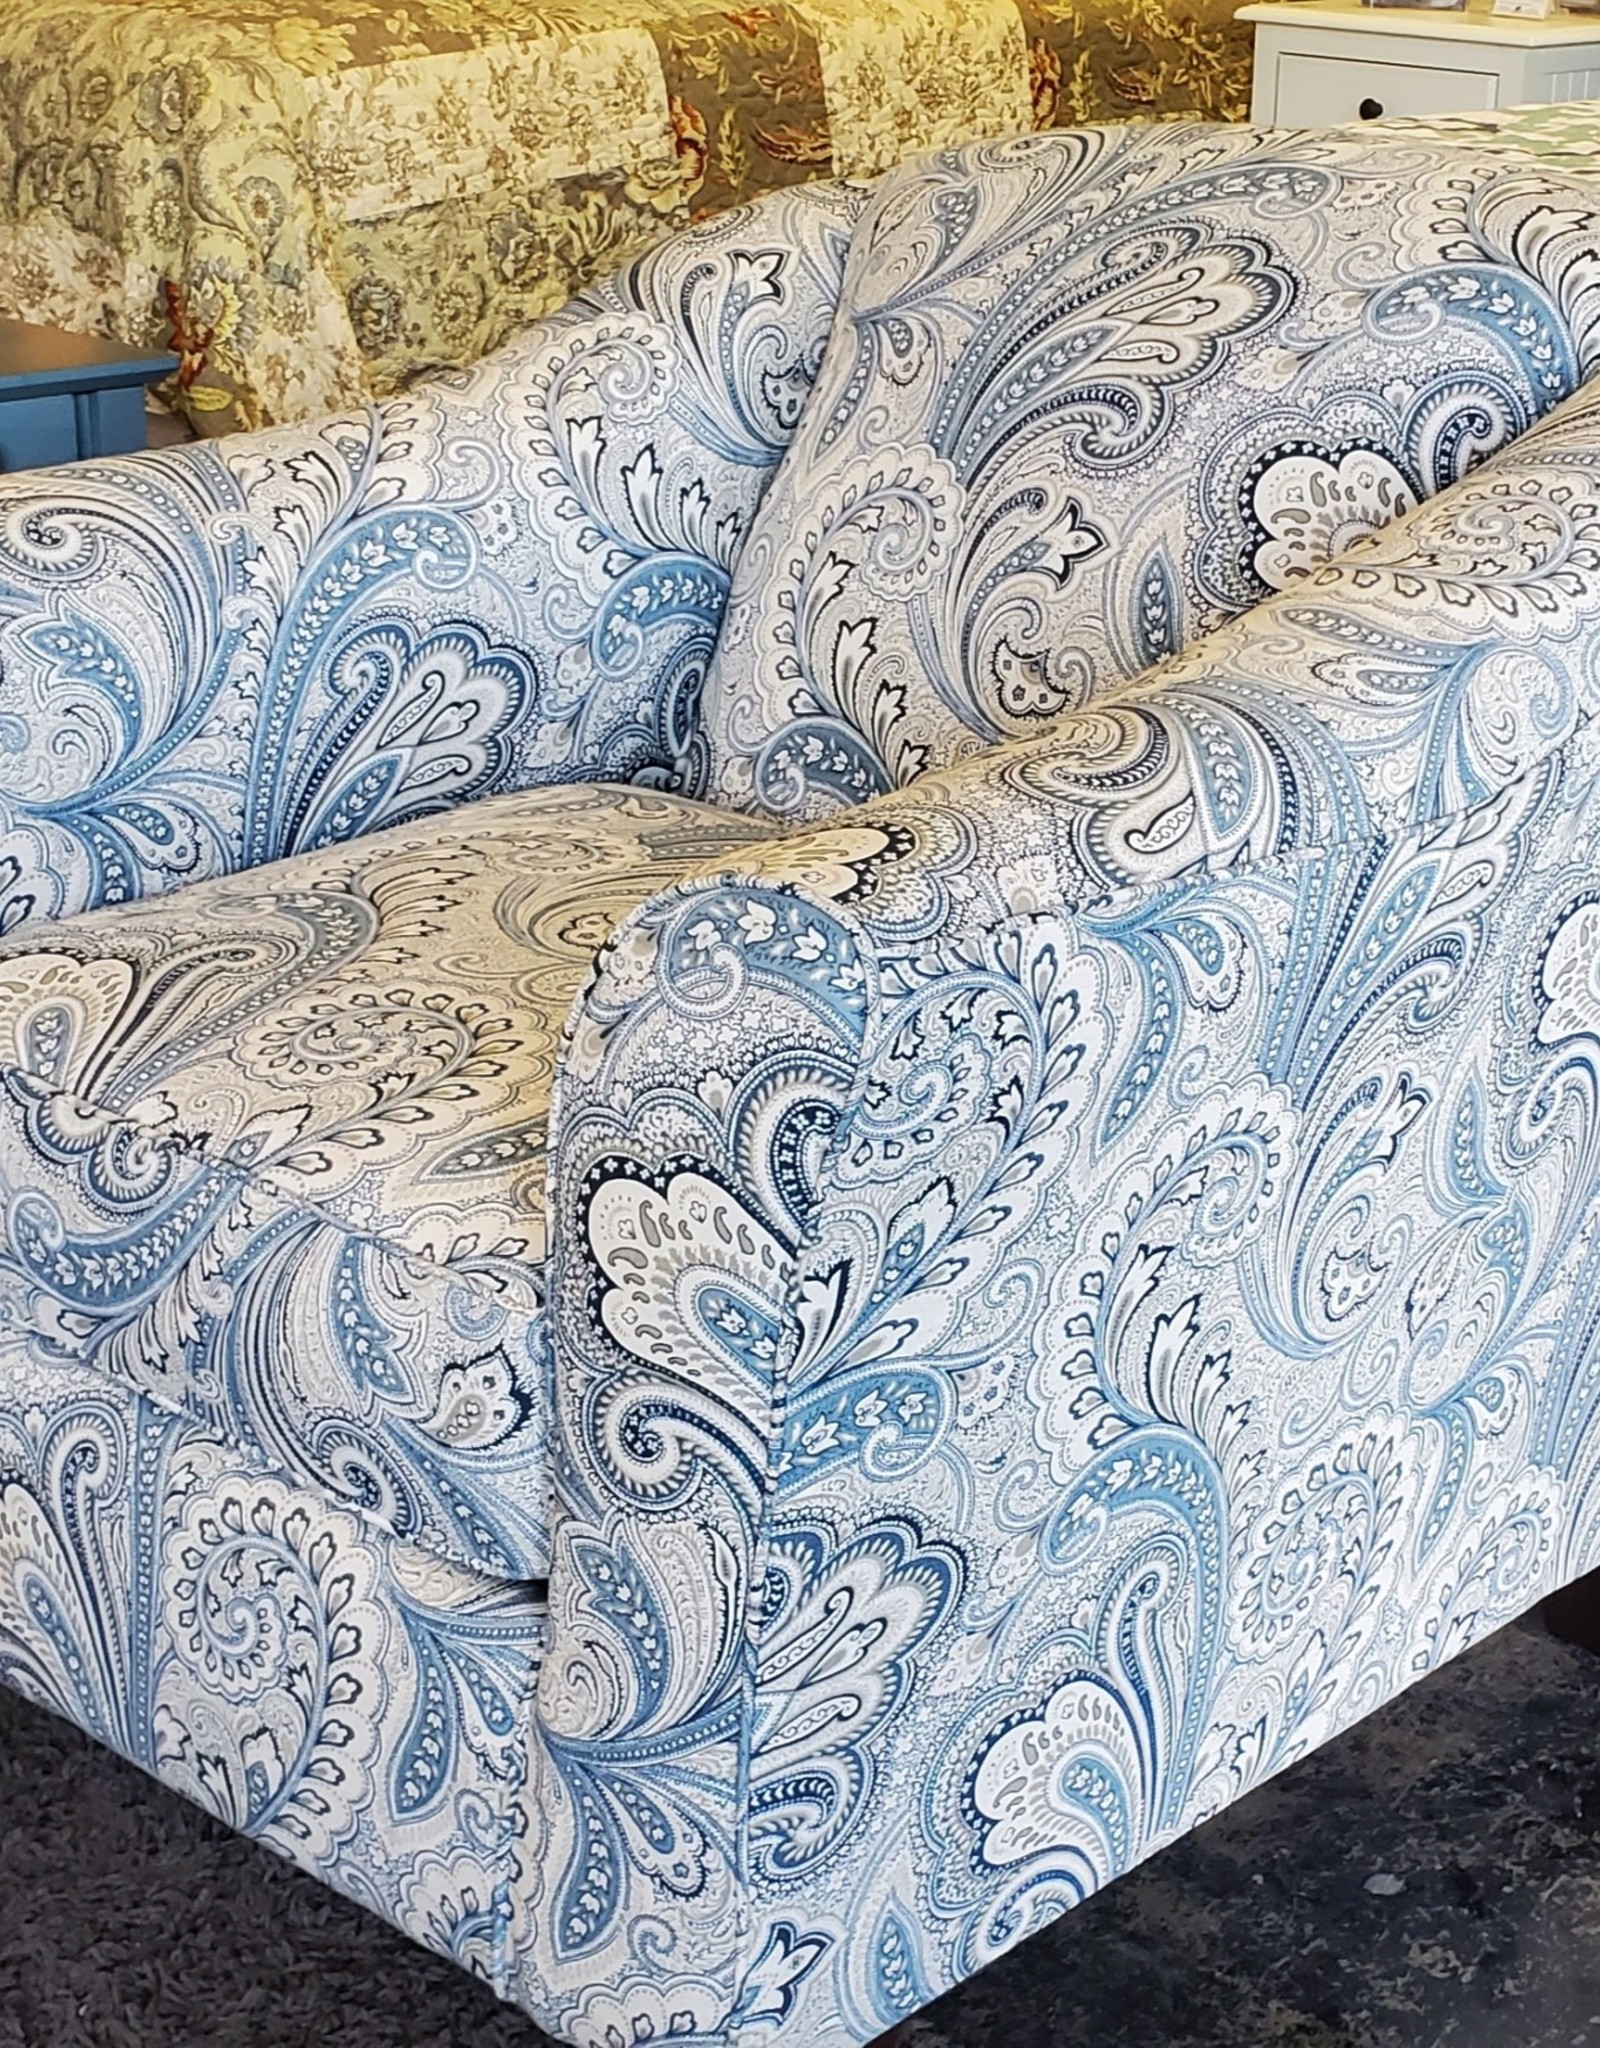 SouthCo Lyla Dove Accent Chair - Barilla Denim